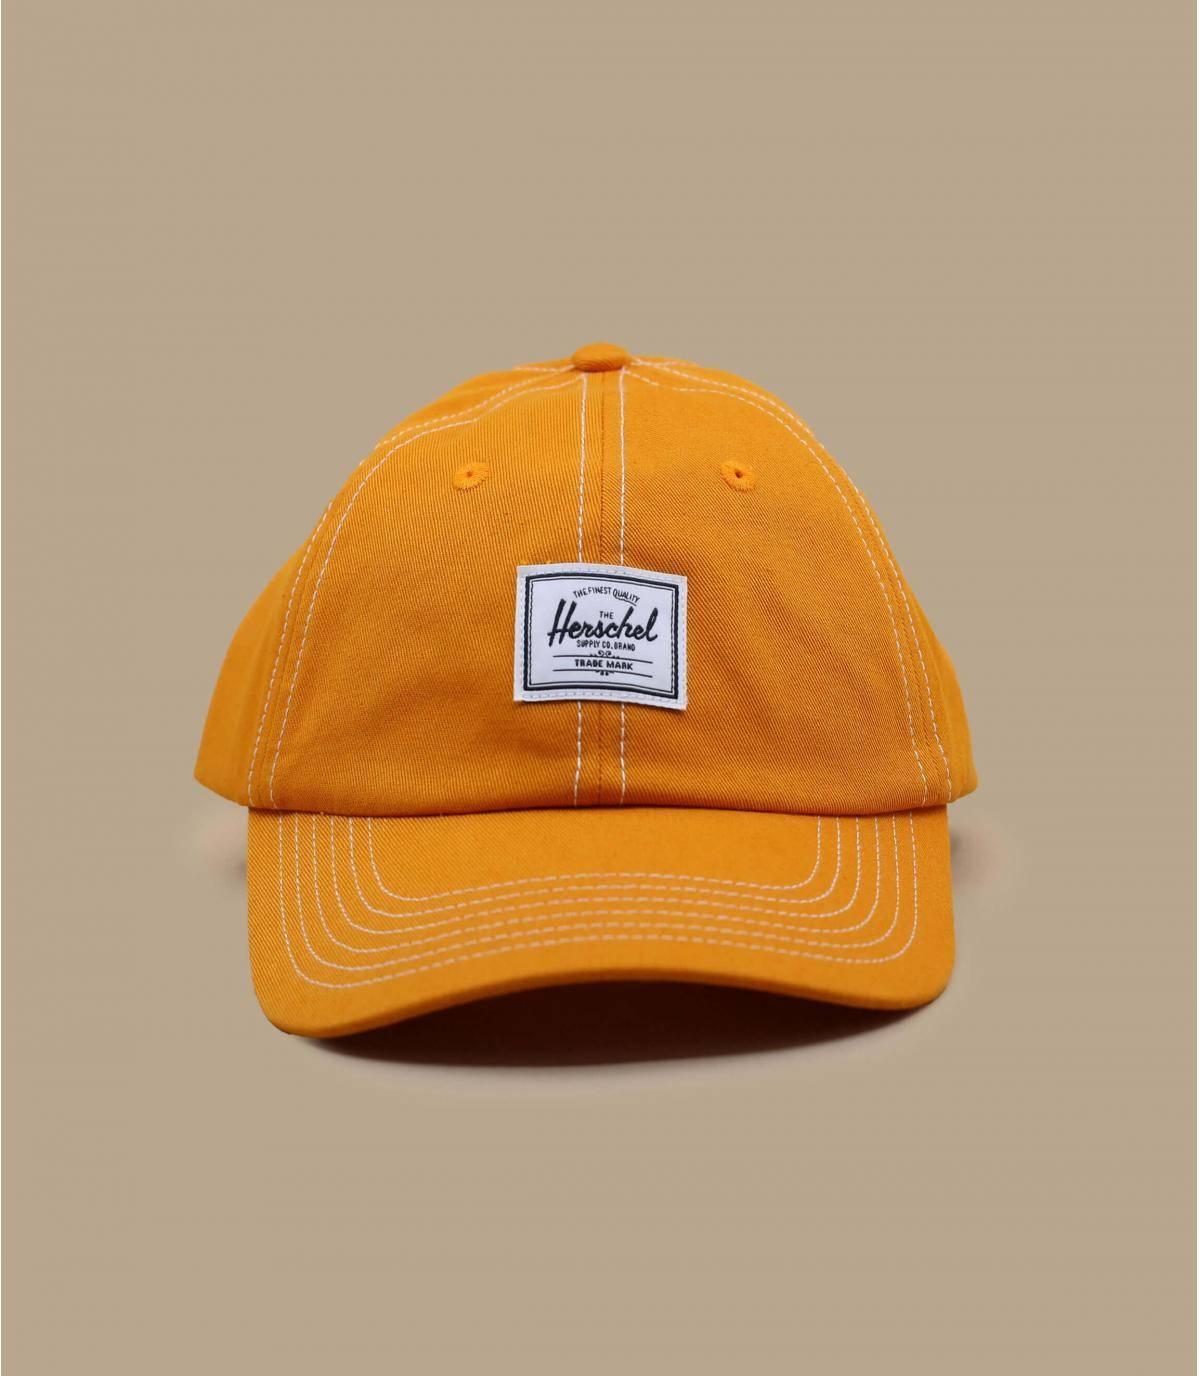 Yellow Herschel cap